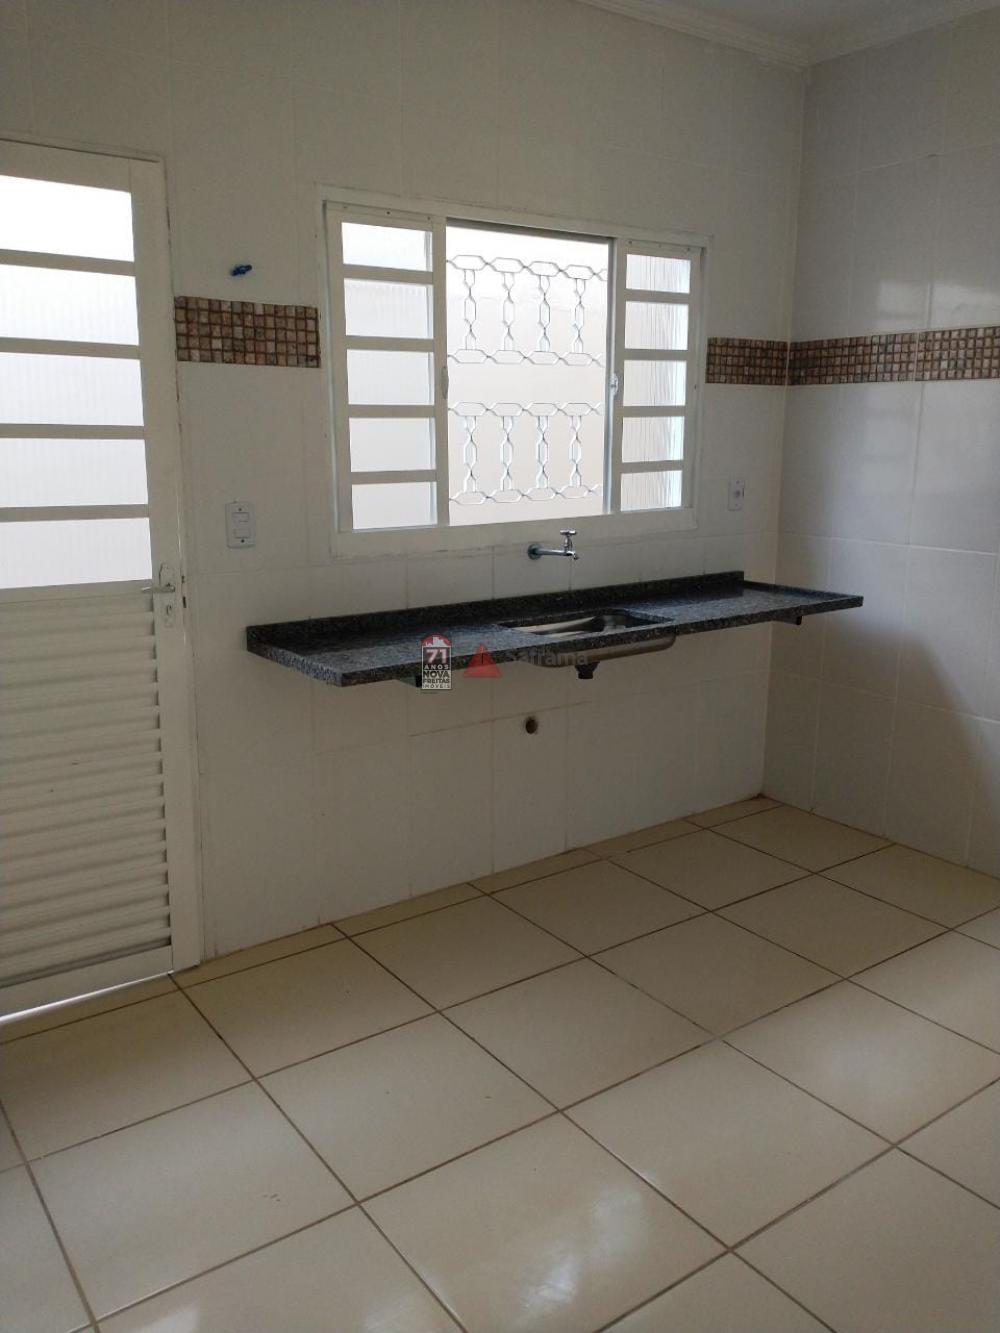 Comprar Casa / Padrão em Pindamonhangaba apenas R$ 159.000,00 - Foto 6